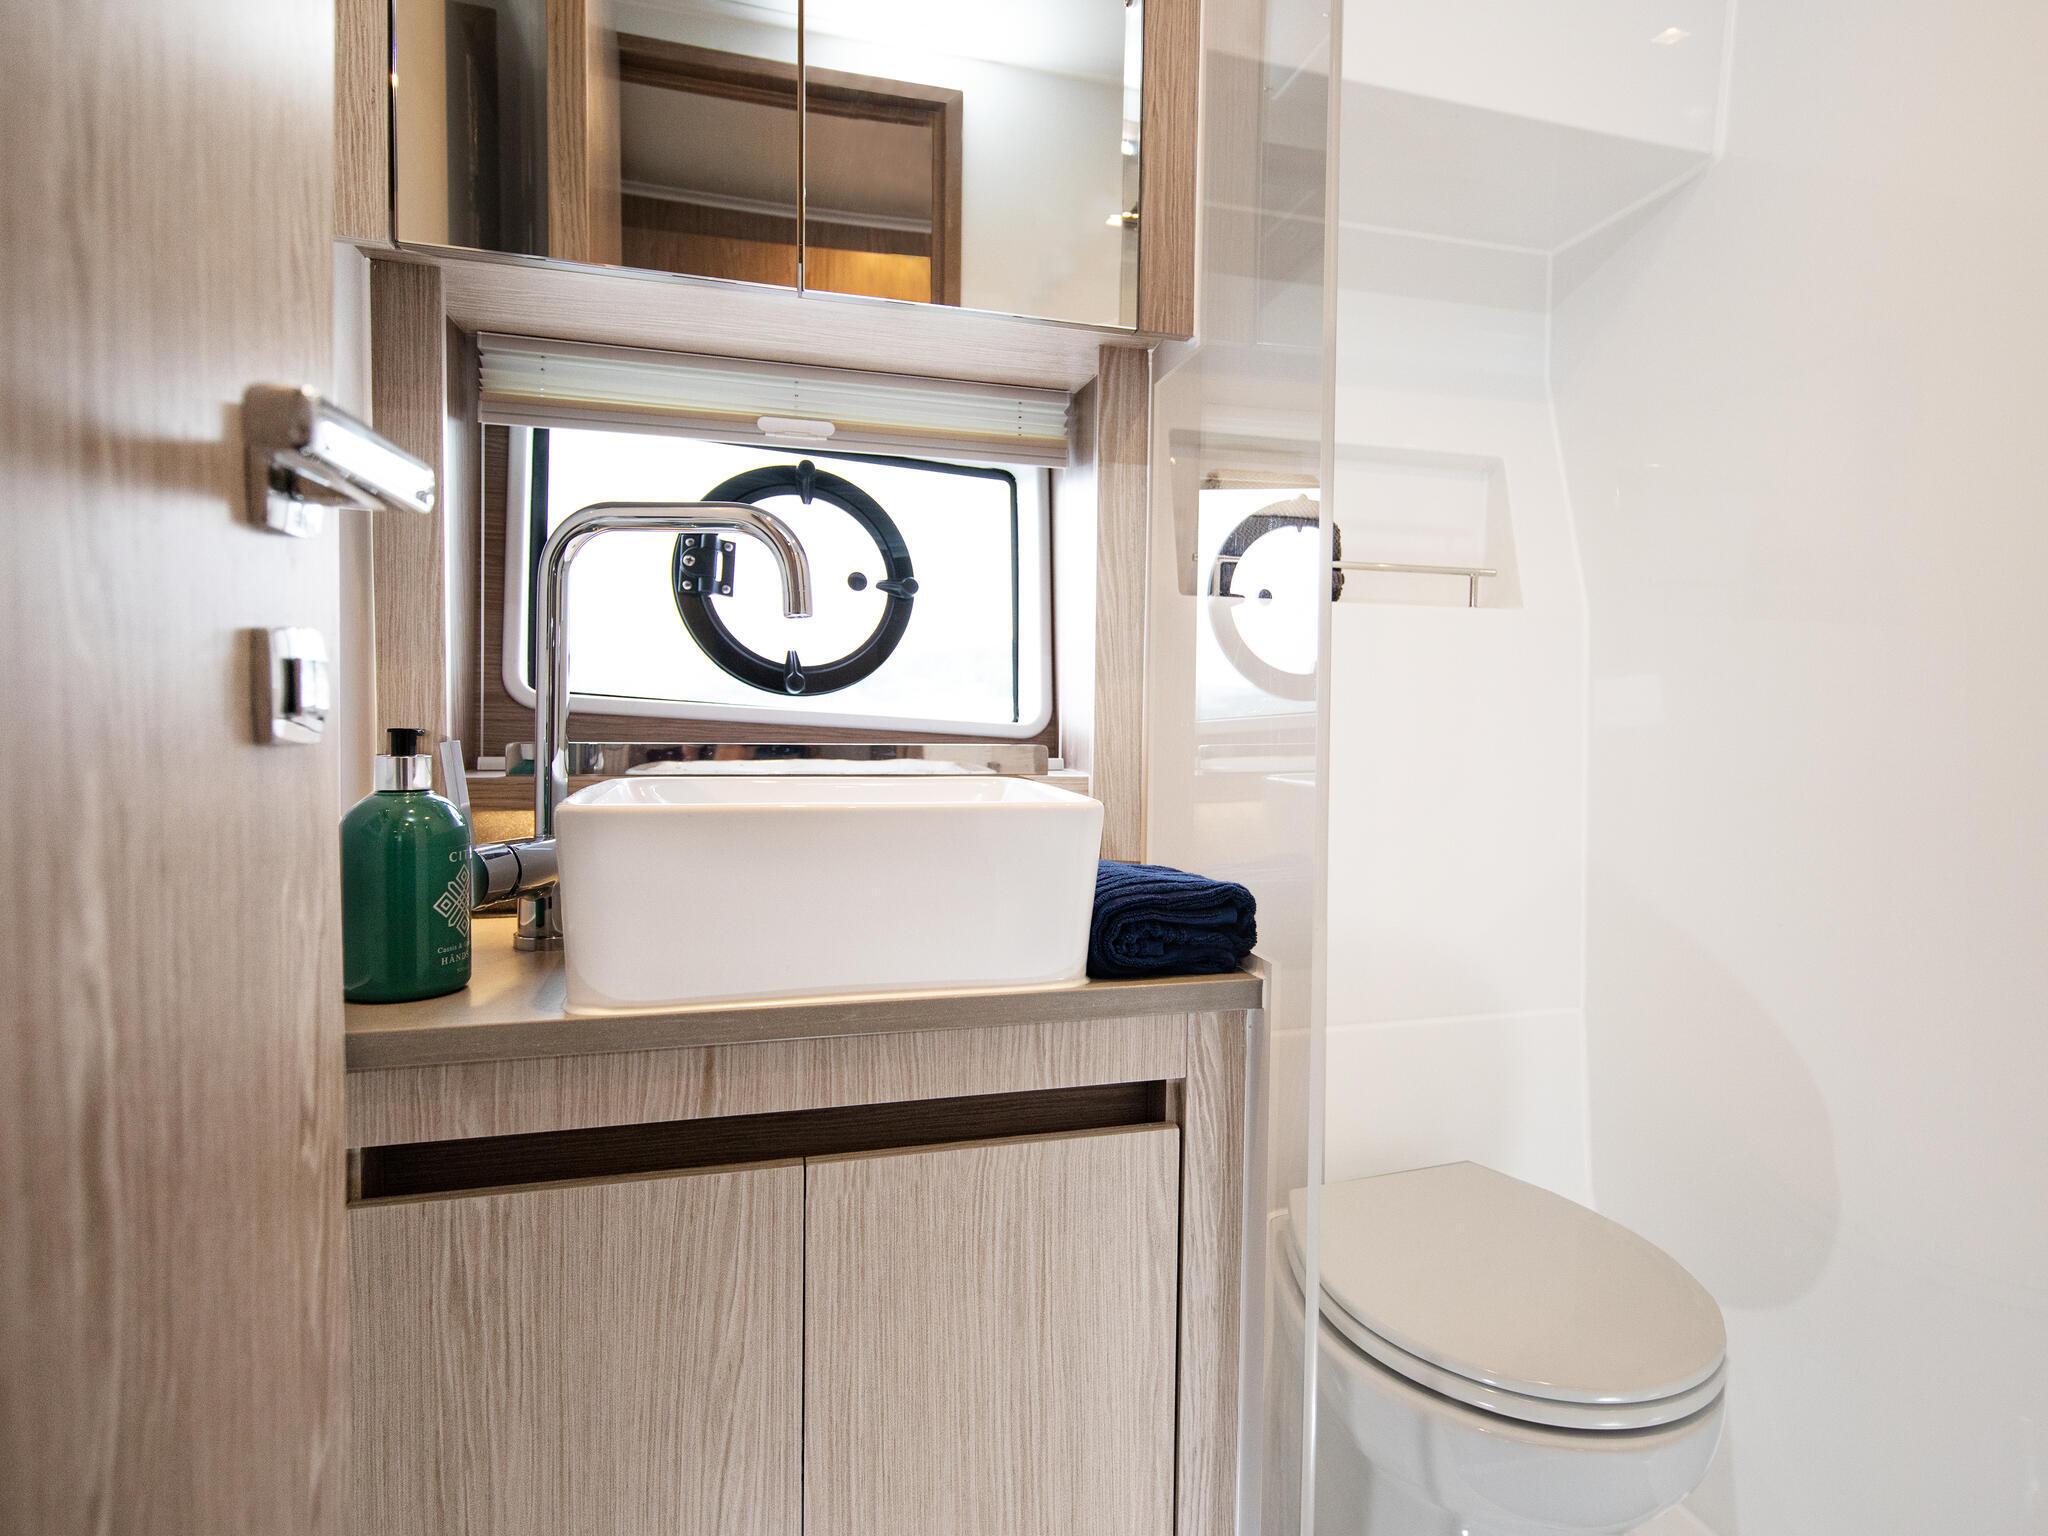 Sealine_C390_Interior_View_25_guest_bathroom_0013